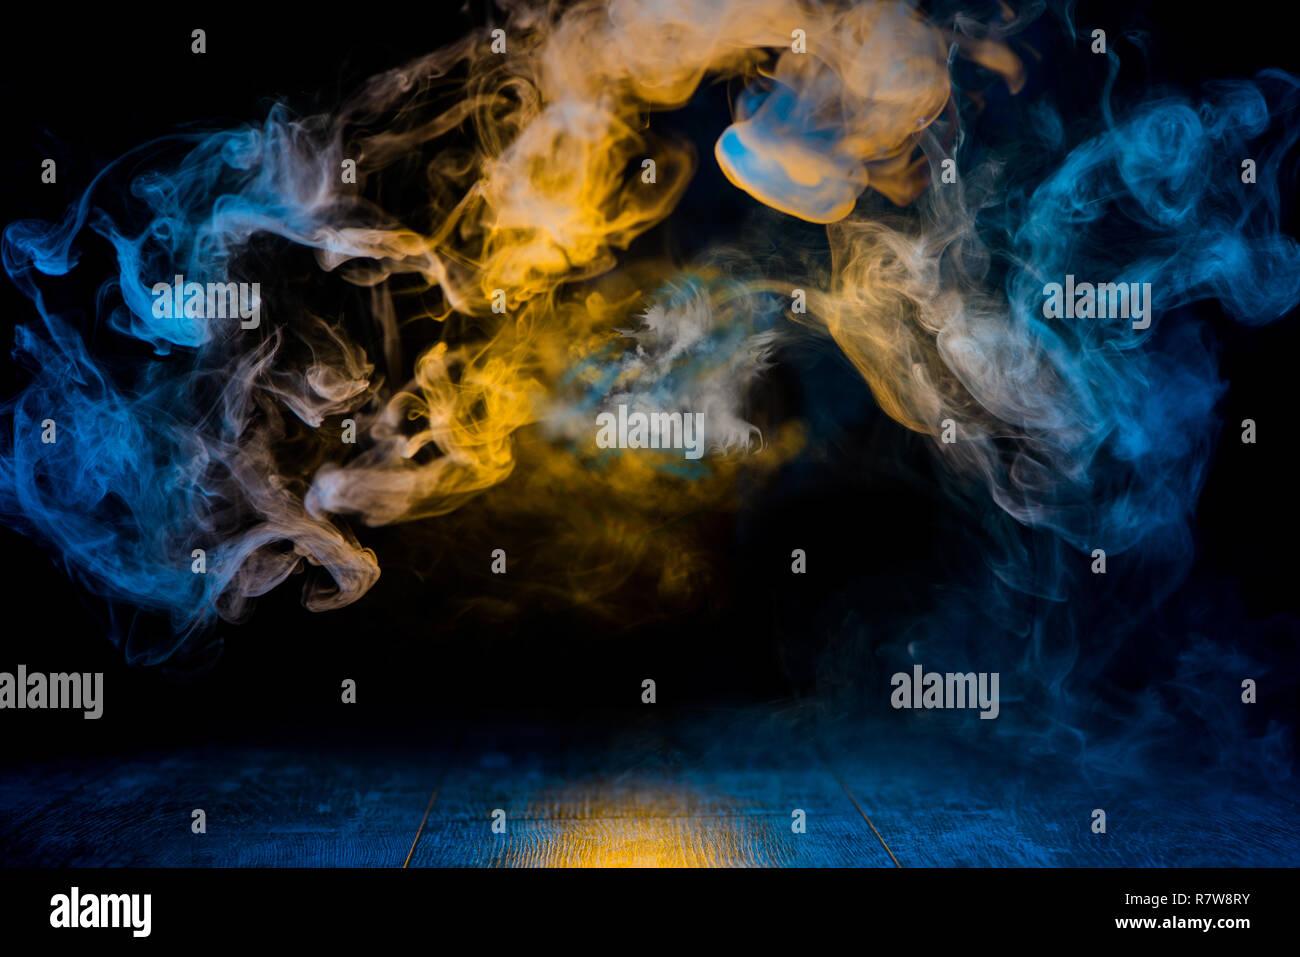 Patrones de humo amarillo y azul en fondo oscuro Imagen De Stock